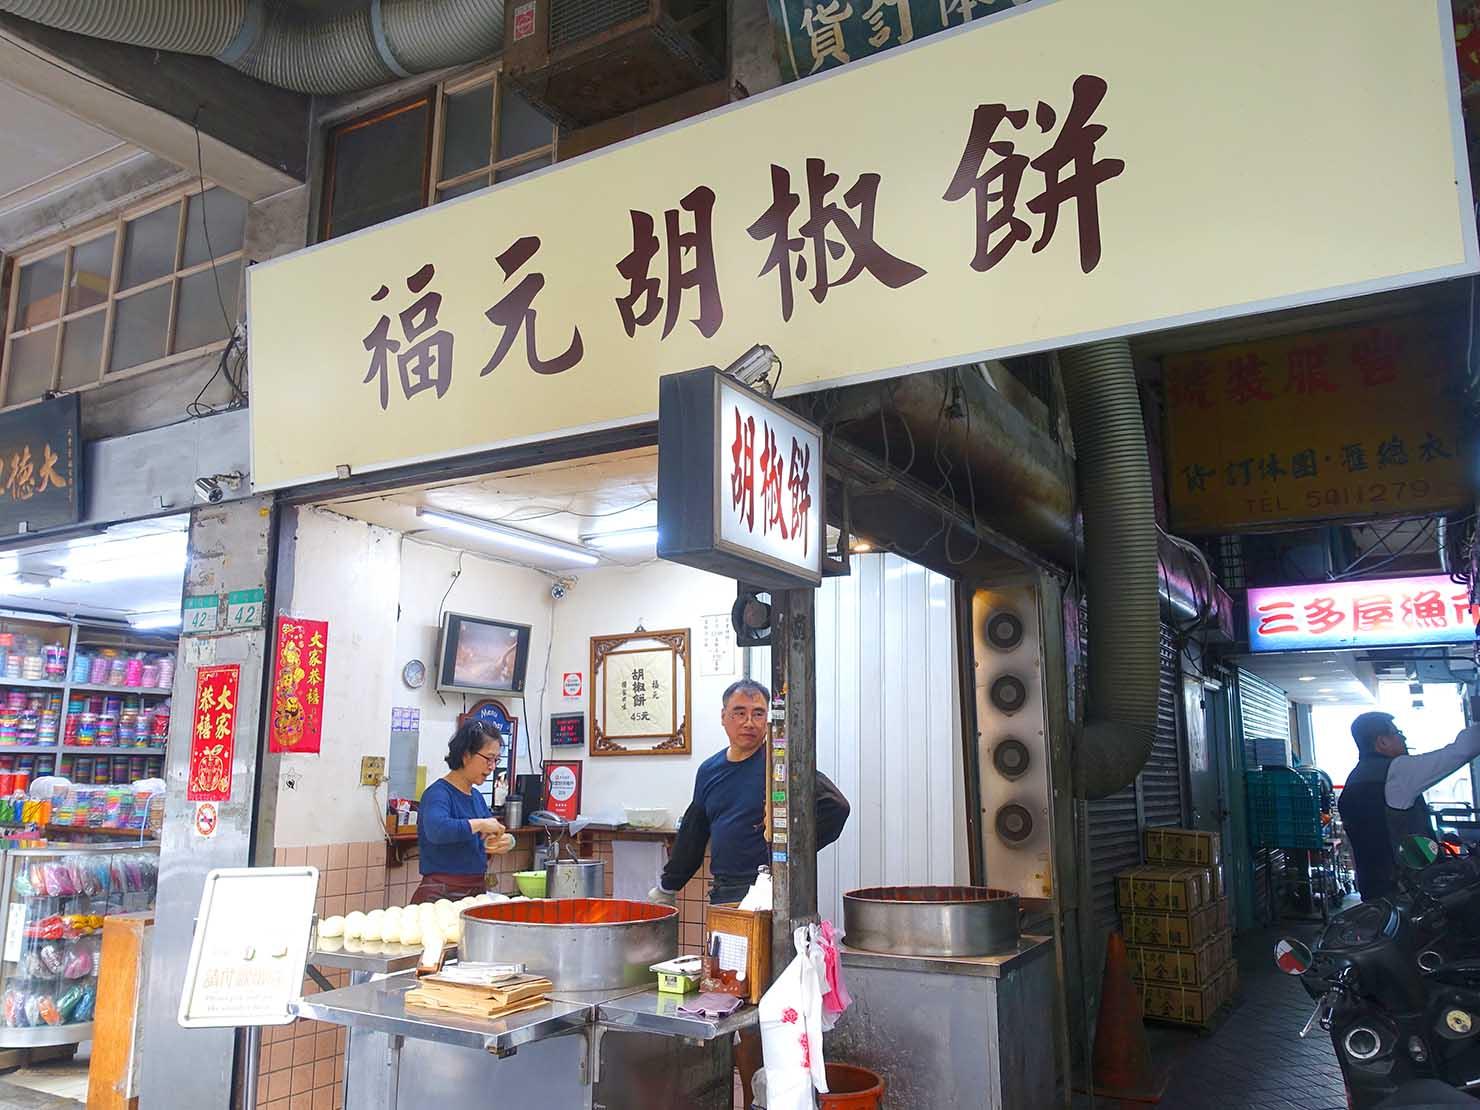 台北駅周辺のおすすめ台湾グルメ店「福元胡椒餅」の外観